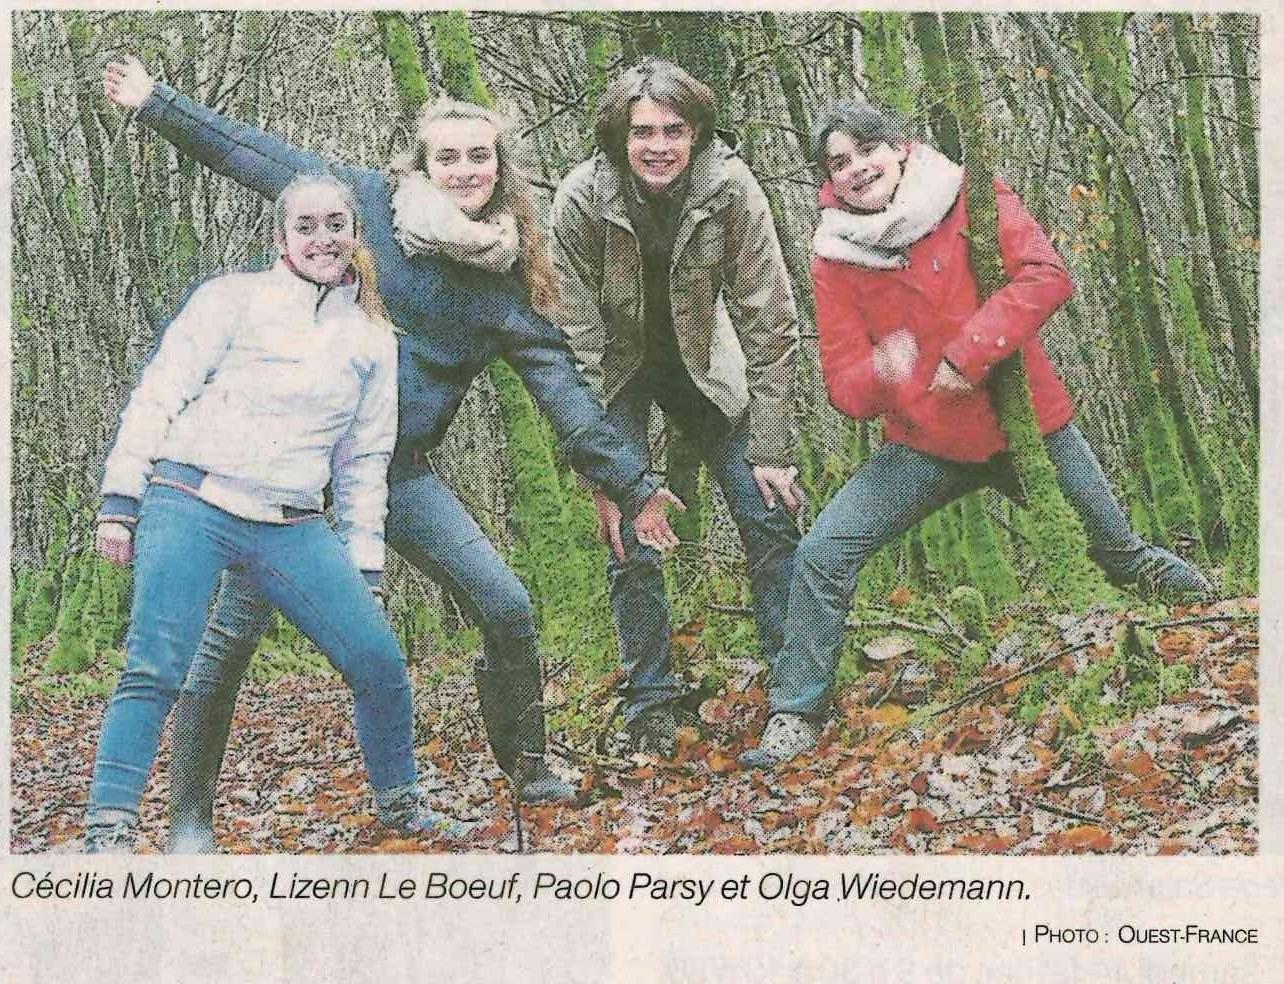 Une course d'orientation loisir dans la forêt